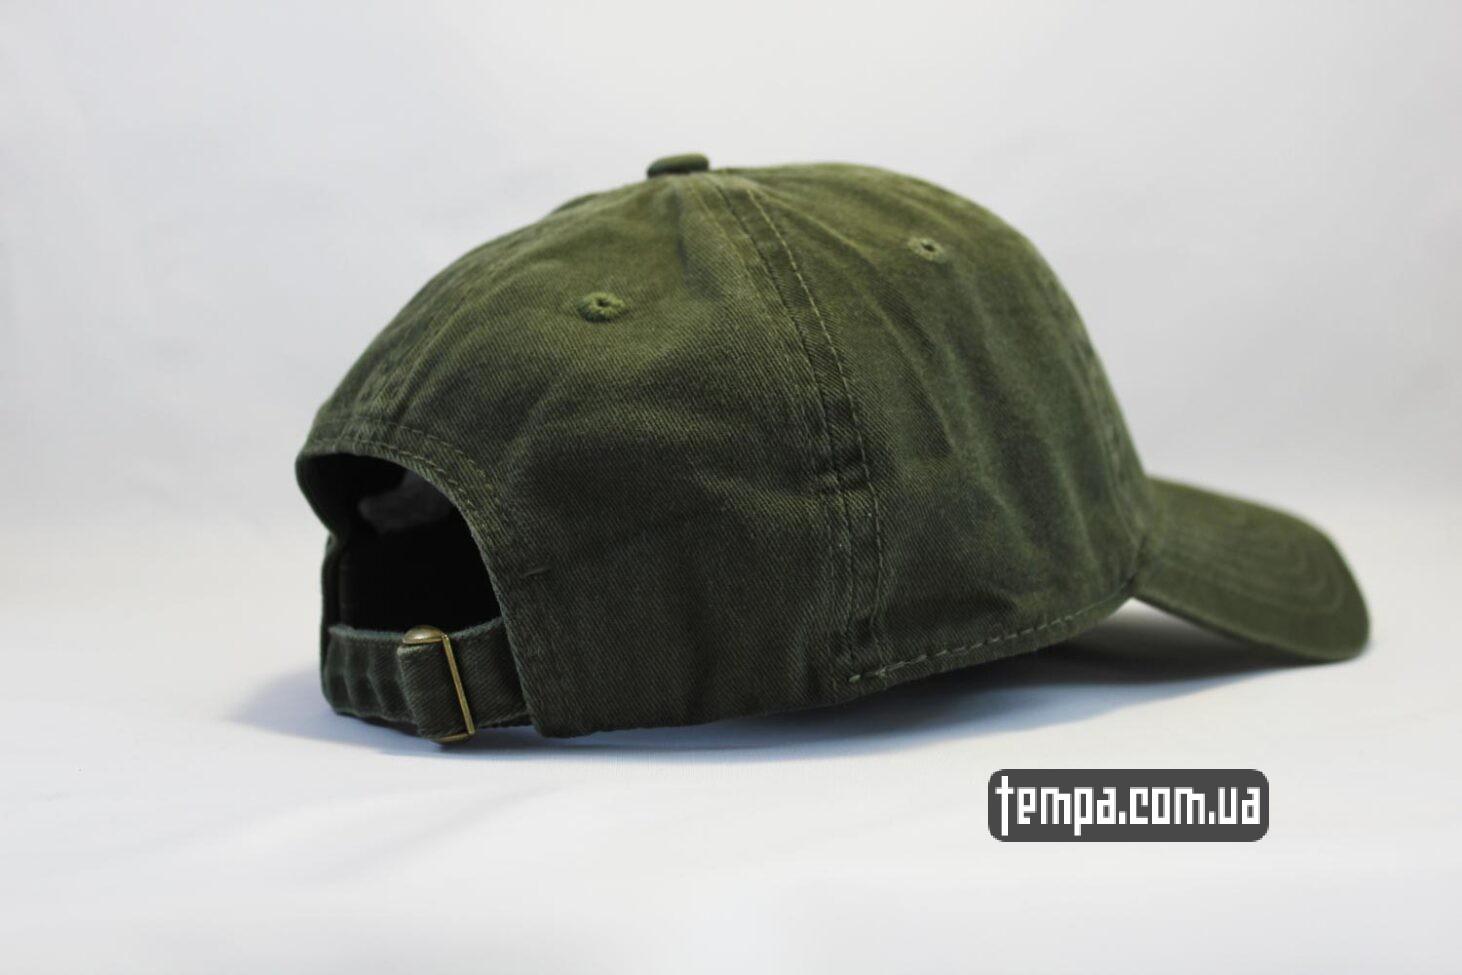 цвет хакки кепка бейсболка Carhartt green зеоеная кожаный козырек